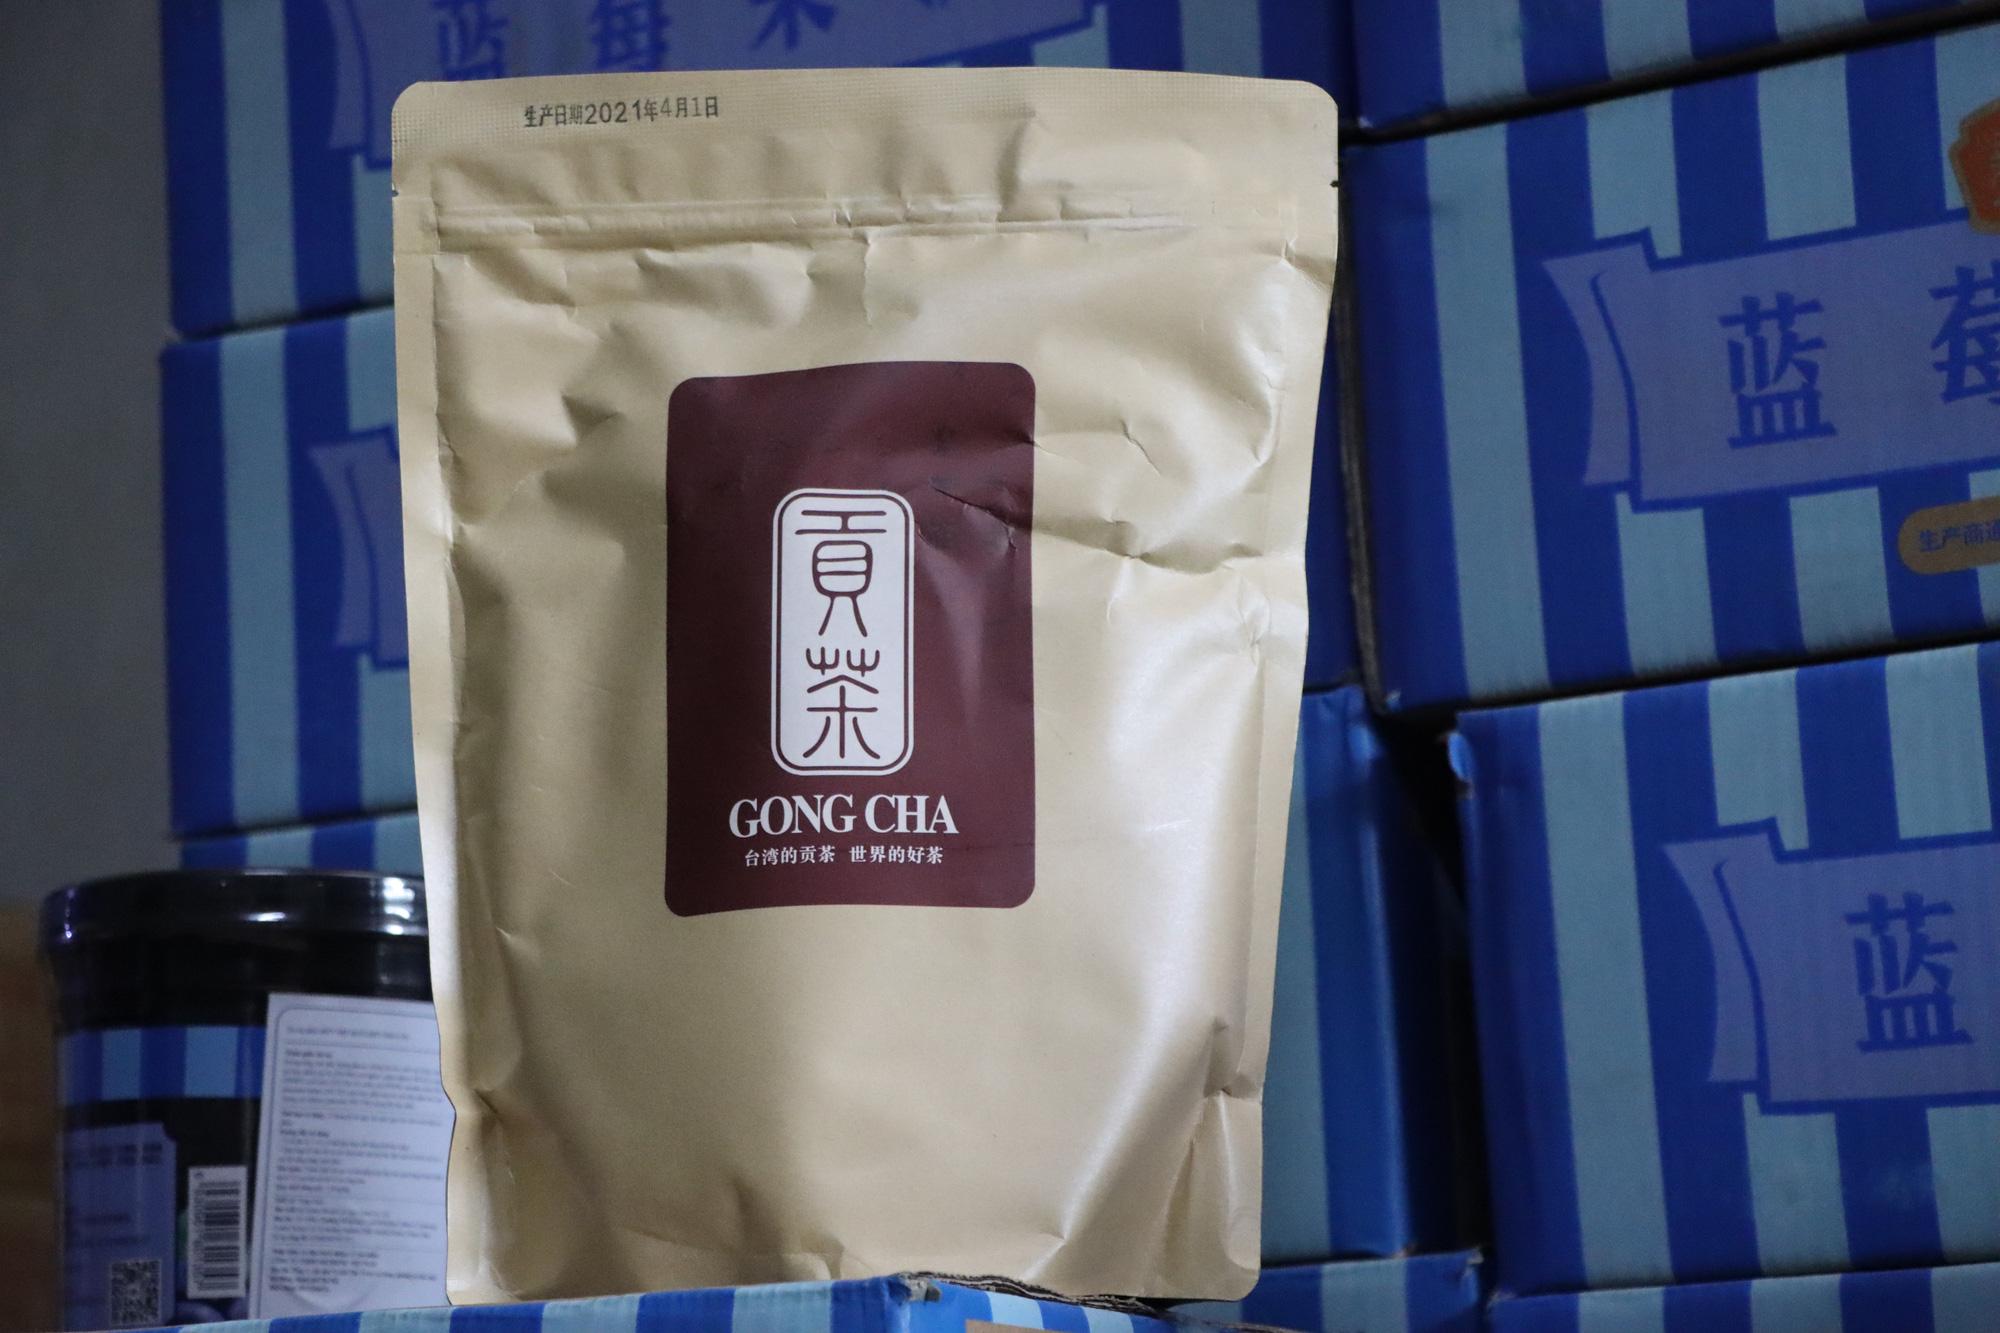 Trà sữa Gong Cha và Royal Tea bị thu giữ hàng tấn nguyên liệu bẩn - Ảnh 1.